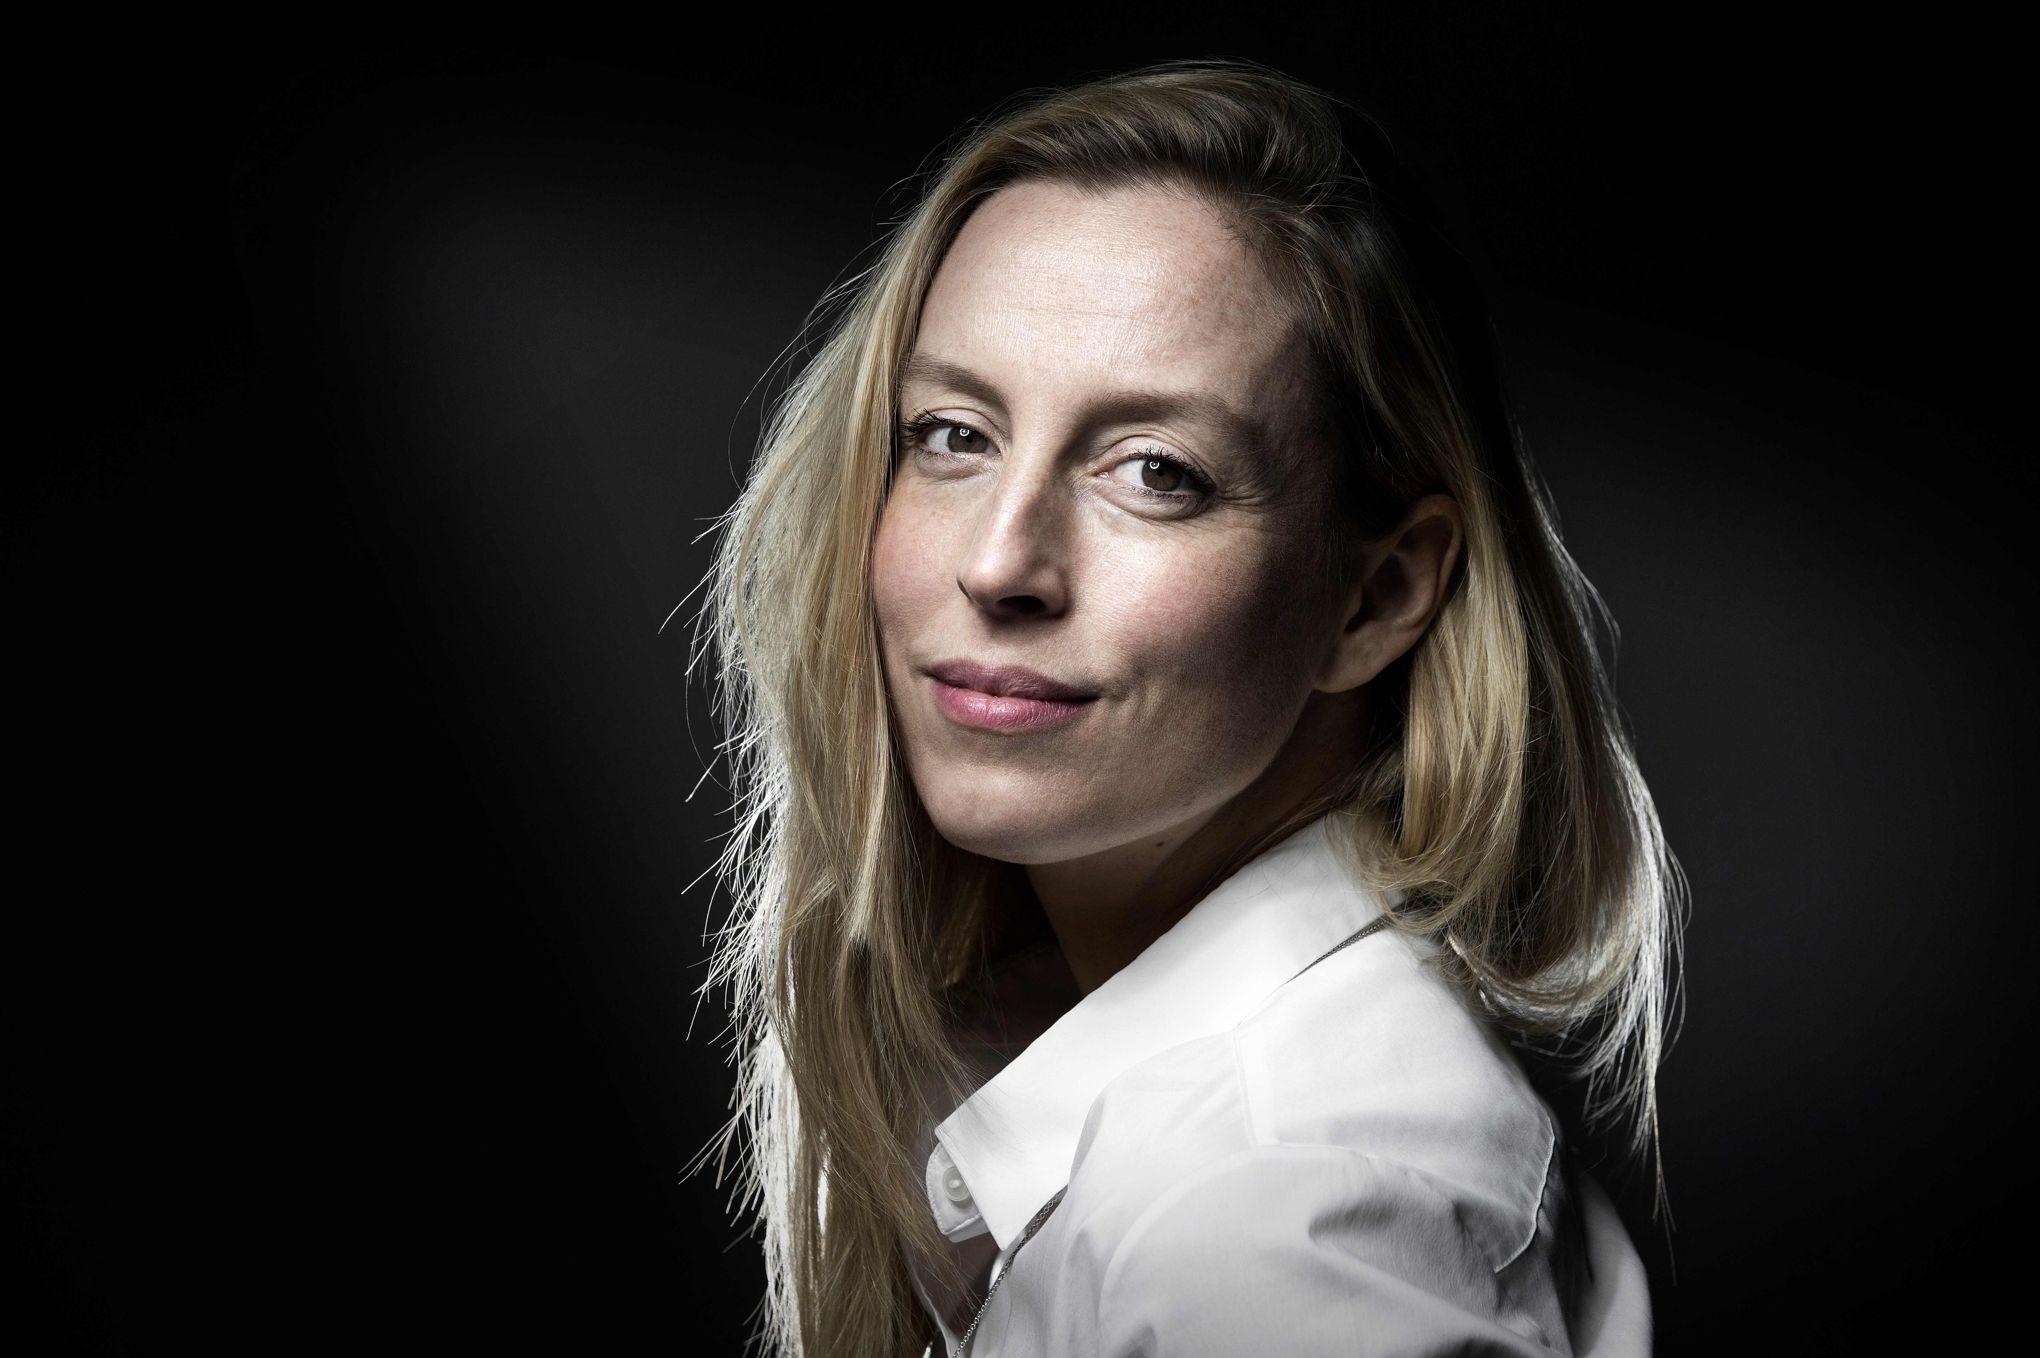 Forza, intelligenza e sfide nel nuovo romanzo di Adélaïde De Clermont-Tonnerre